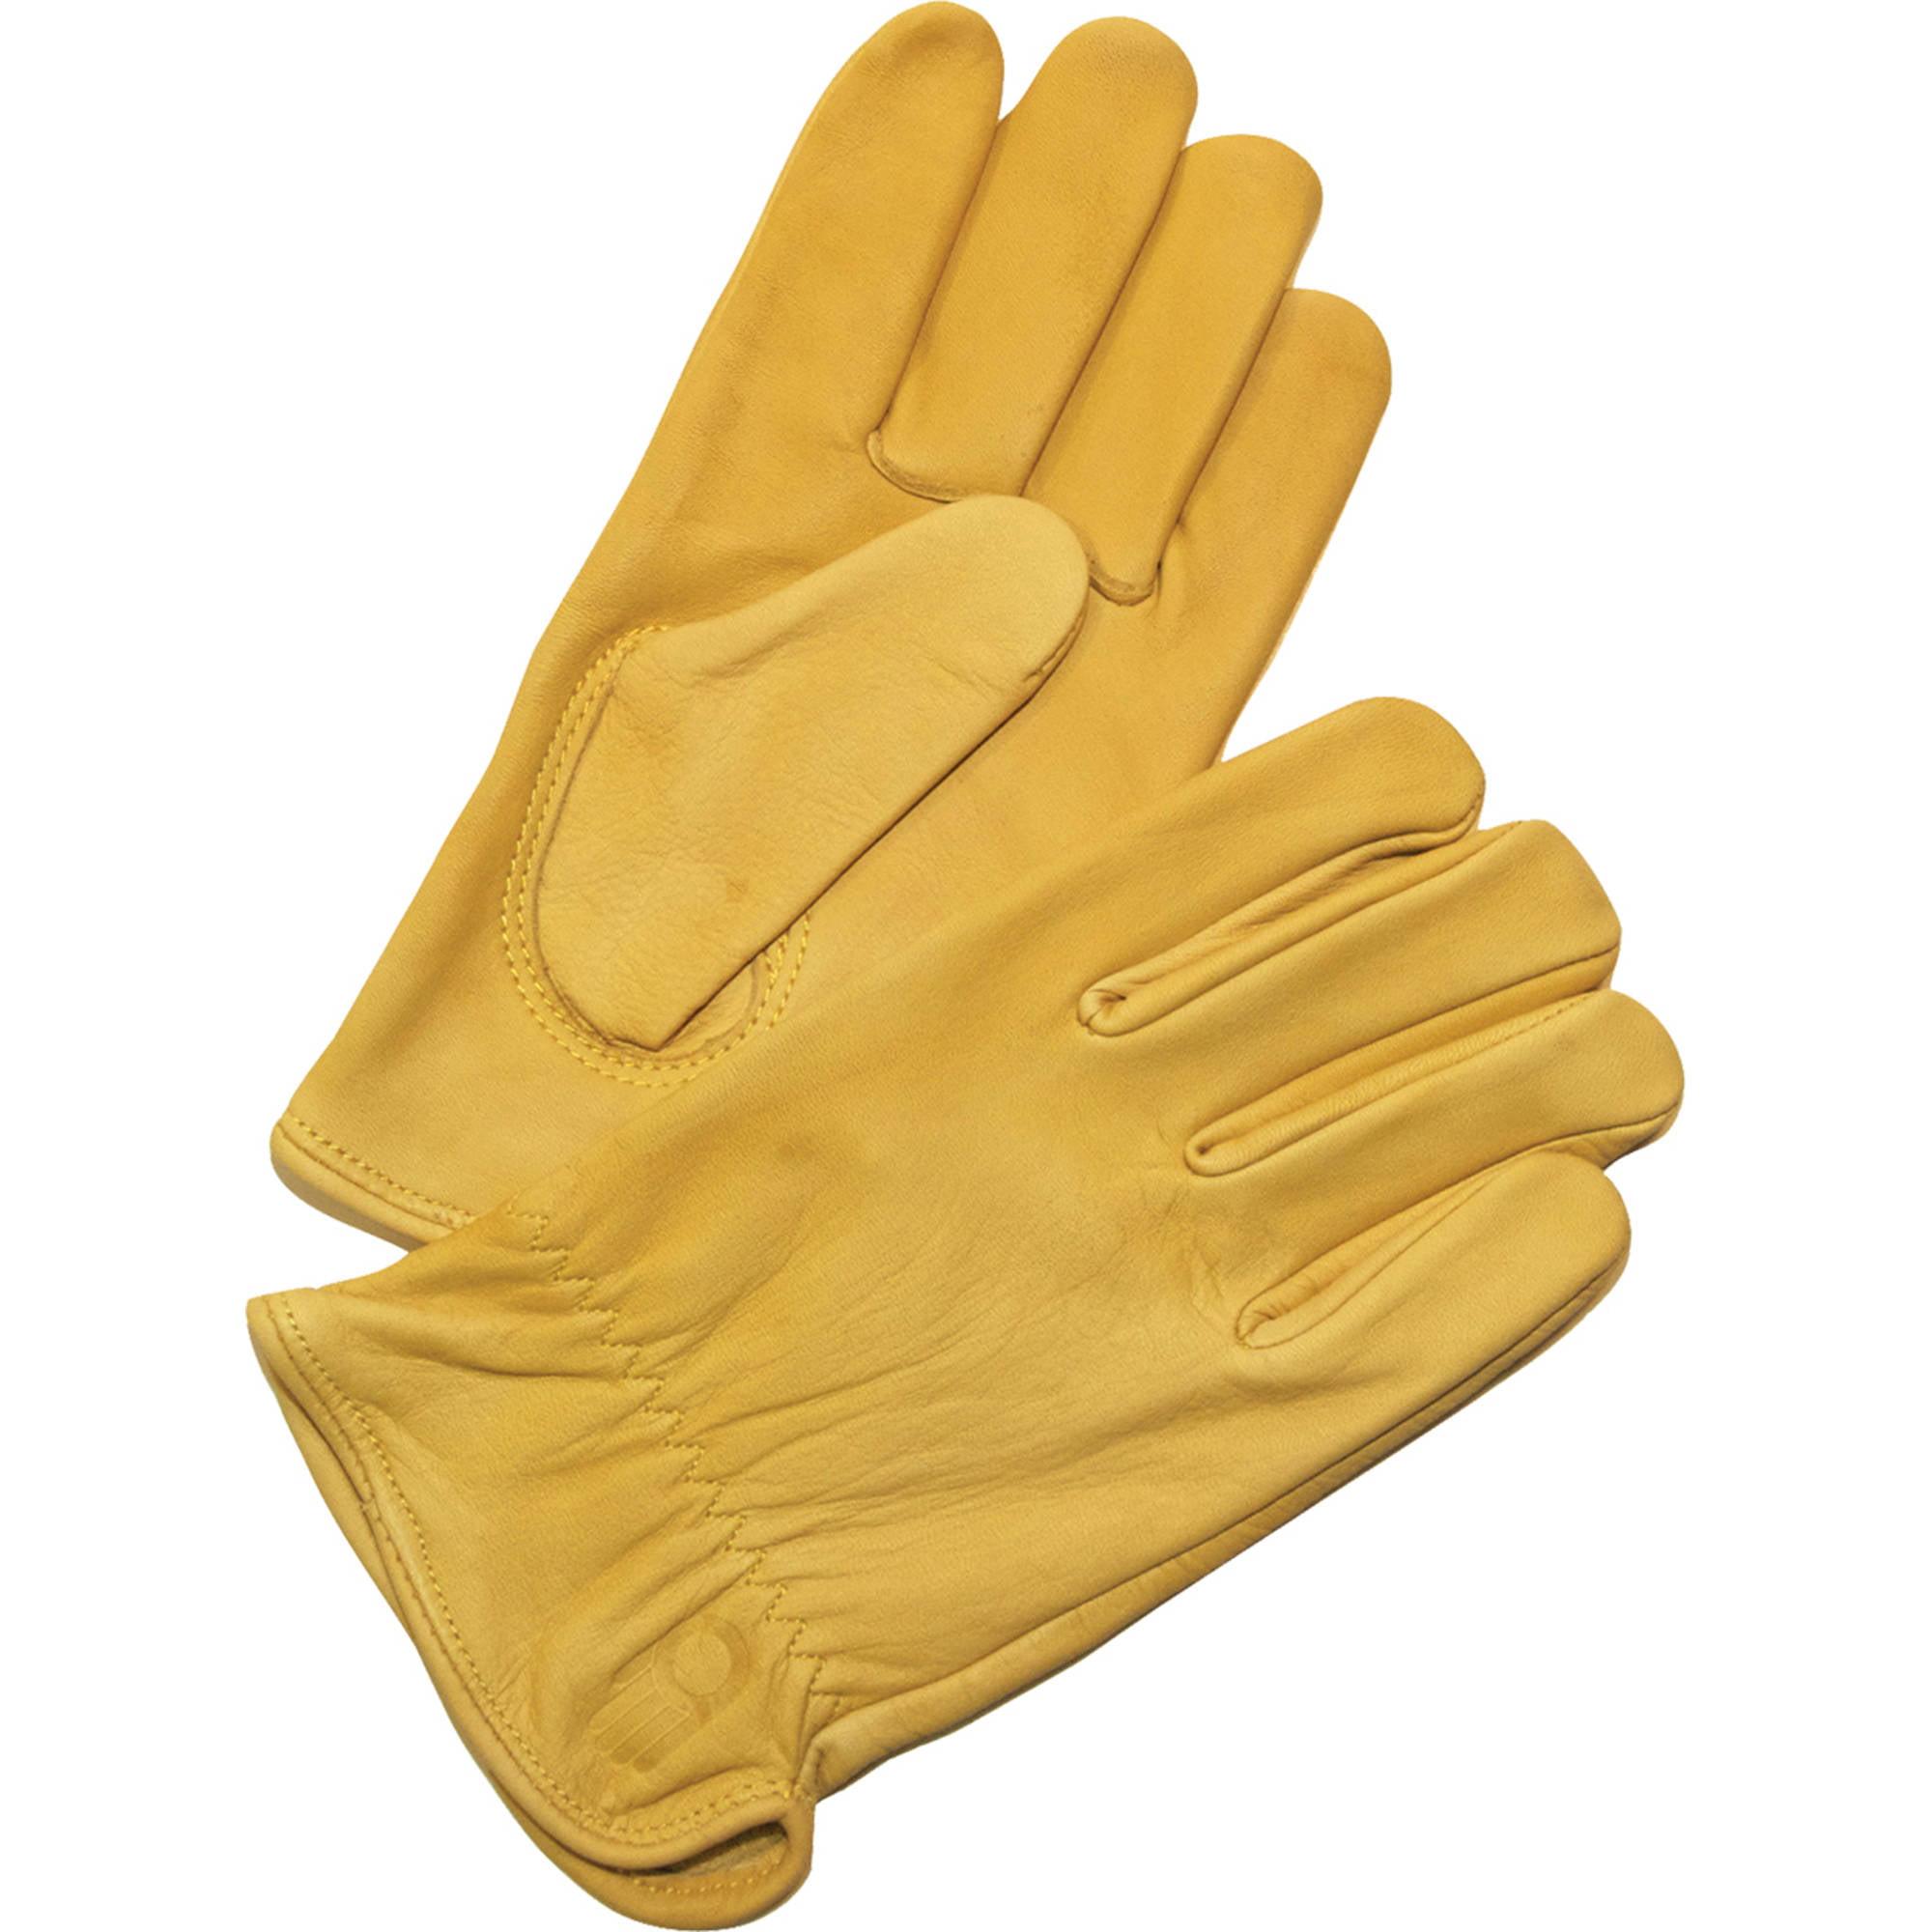 Bellingham Glove C2353M Medium Ladies Leather Driving Gloves